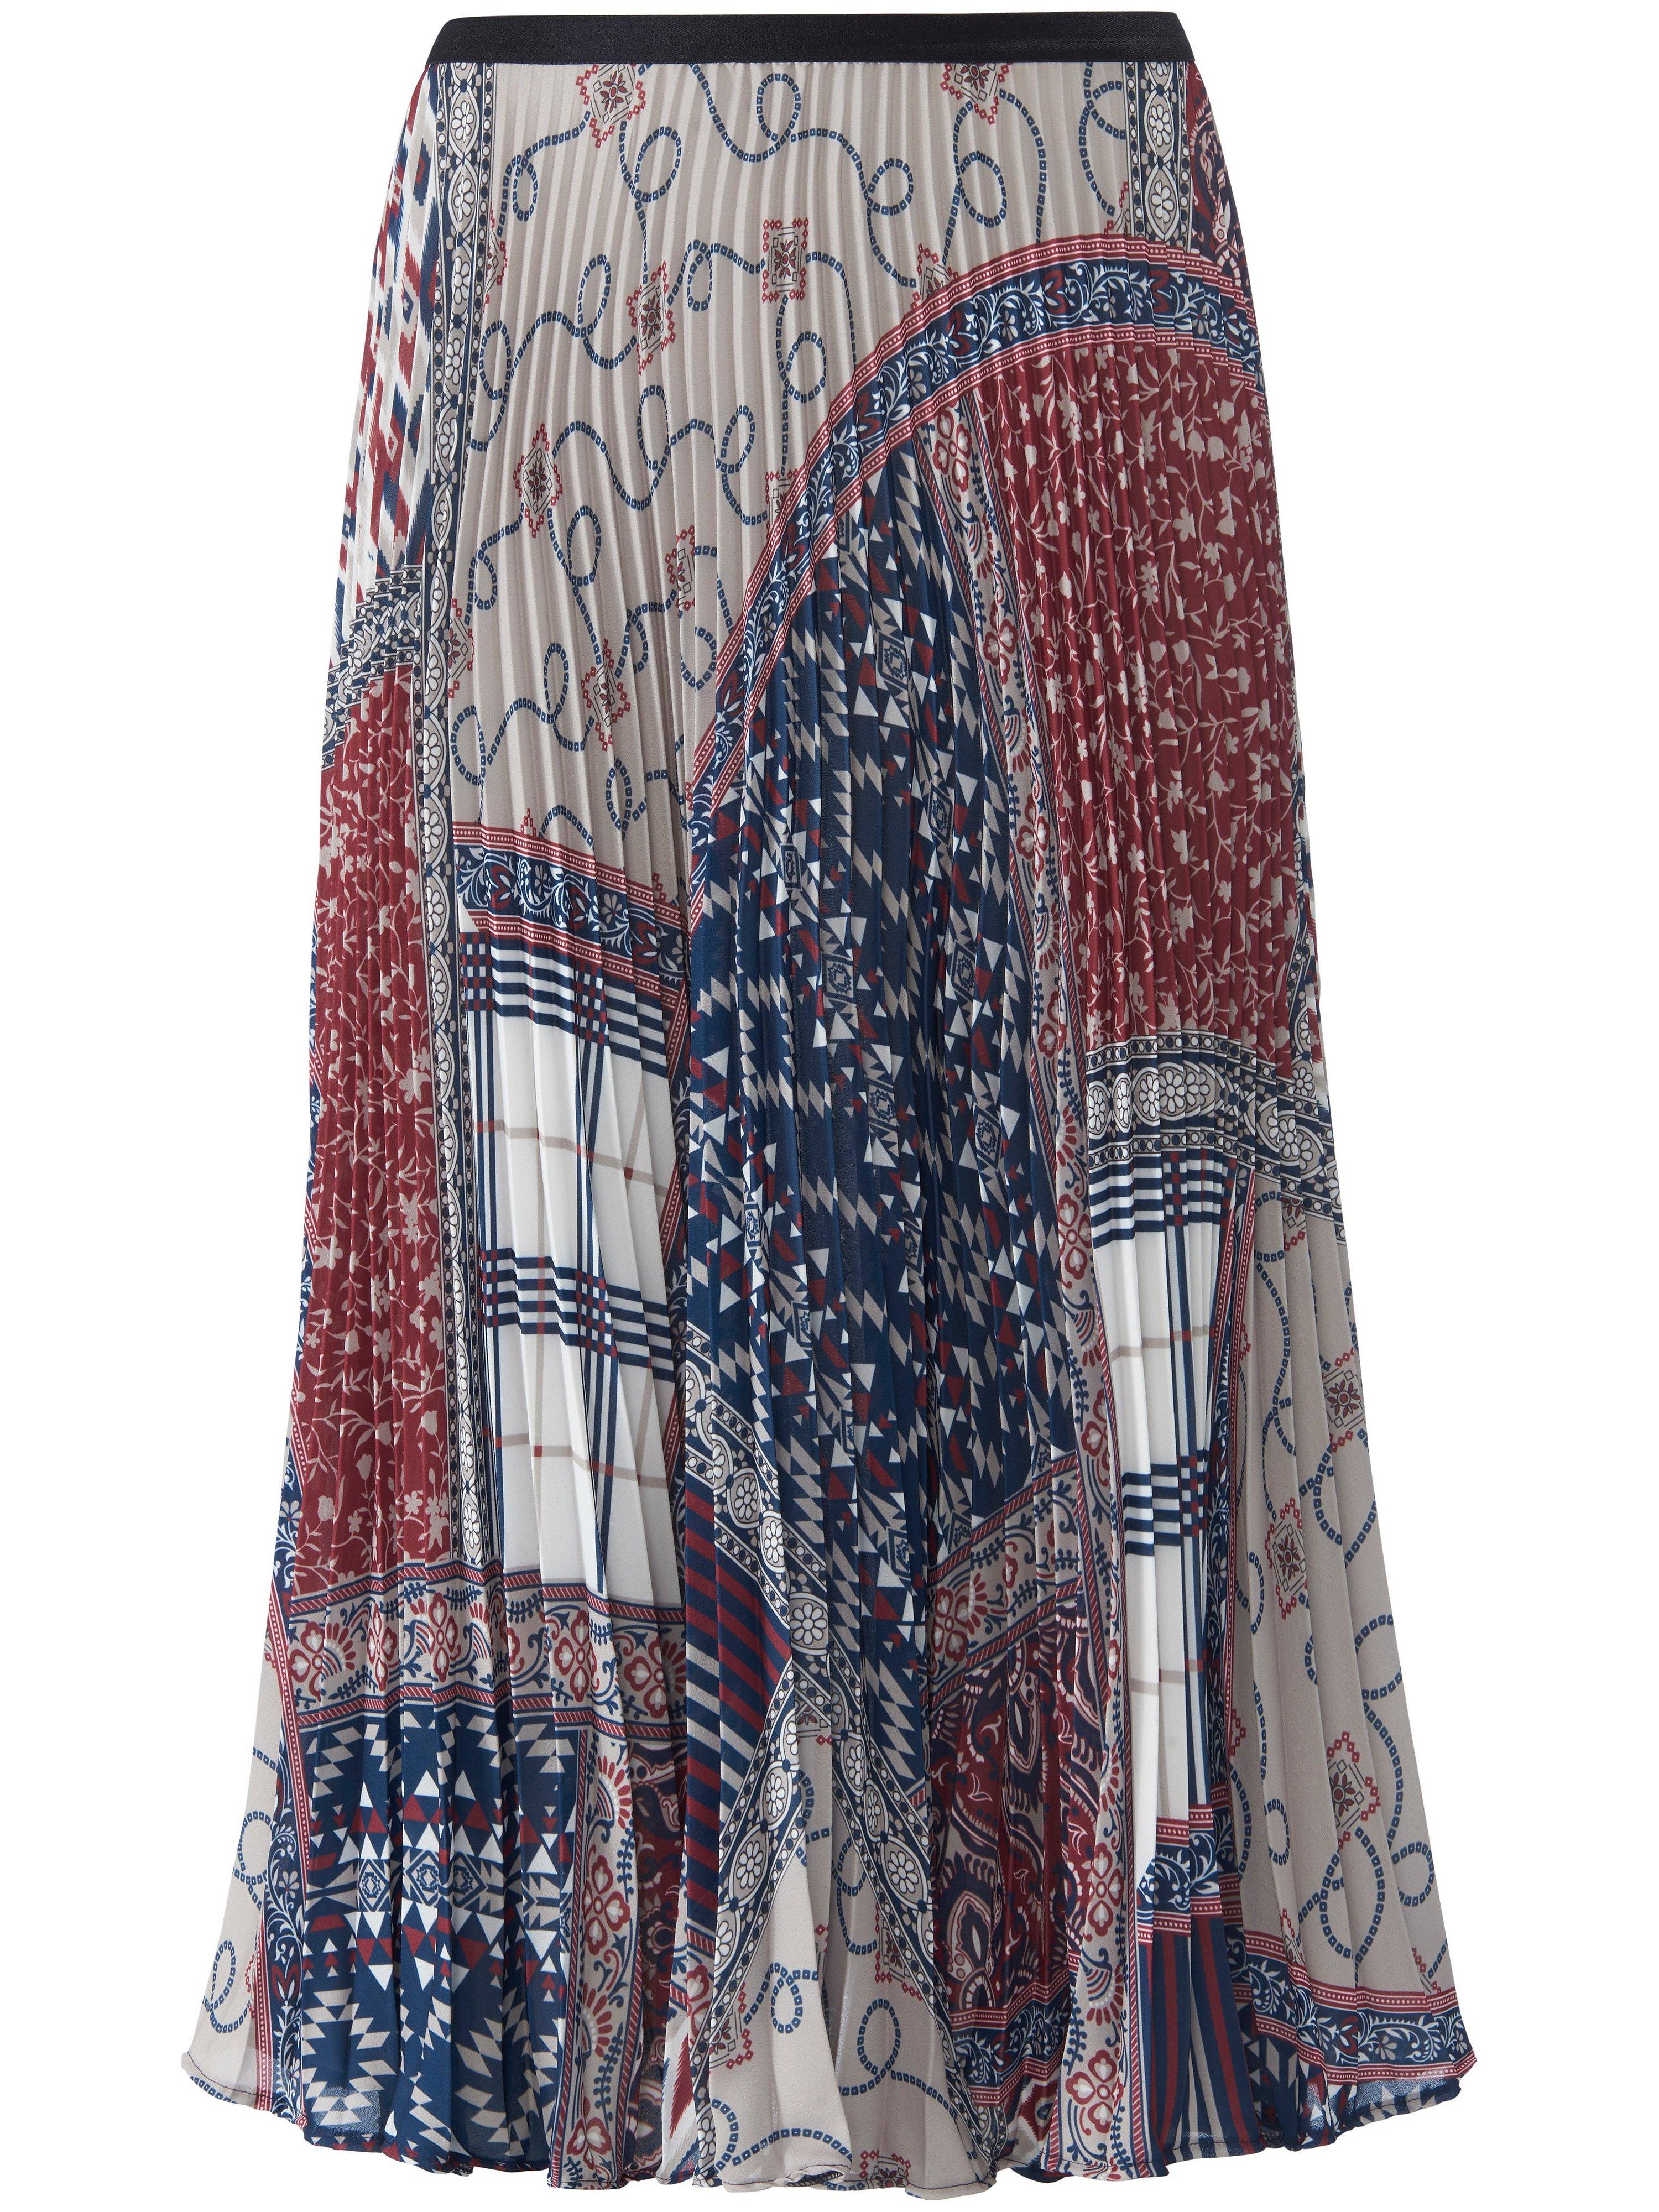 La jupe à imprimé foulard  Peter Hahn bleu taille 54